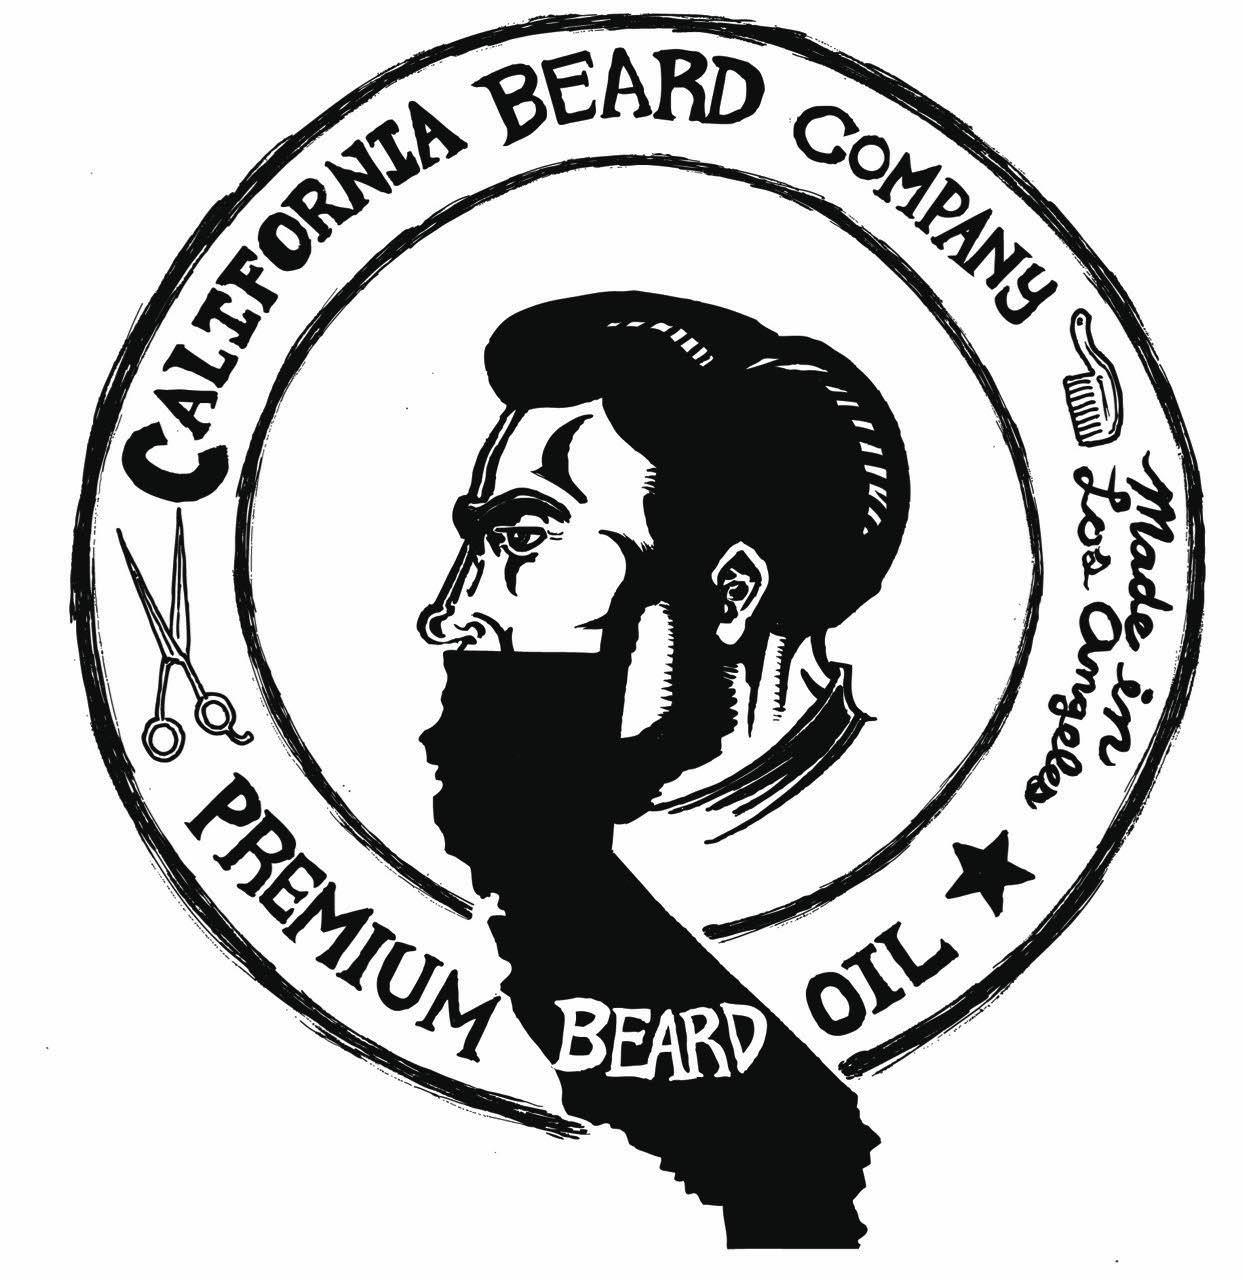 California Beard Company